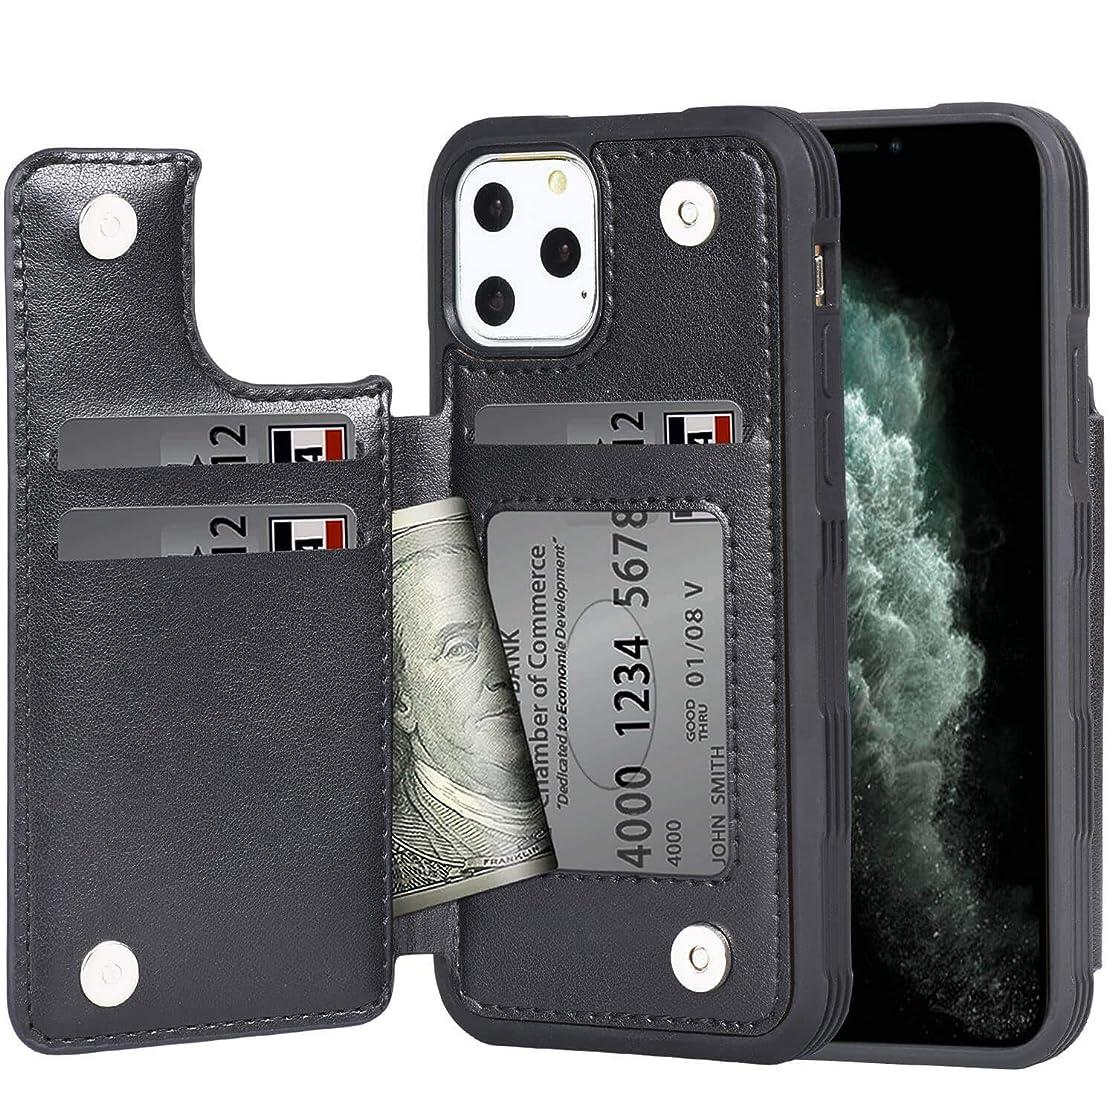 惑星エジプト人武器iPhone 11 Pro Max ケース 手帳型 ワイヤレス充電対応 米軍軍事規格 スマホケース iPhone 11 Pro Max カバー Arae カード収納 ポケット付き アイフォン 11 プロ マックス 2019新型 6.5インチ 対応用 財布型 ケース (ブラック)